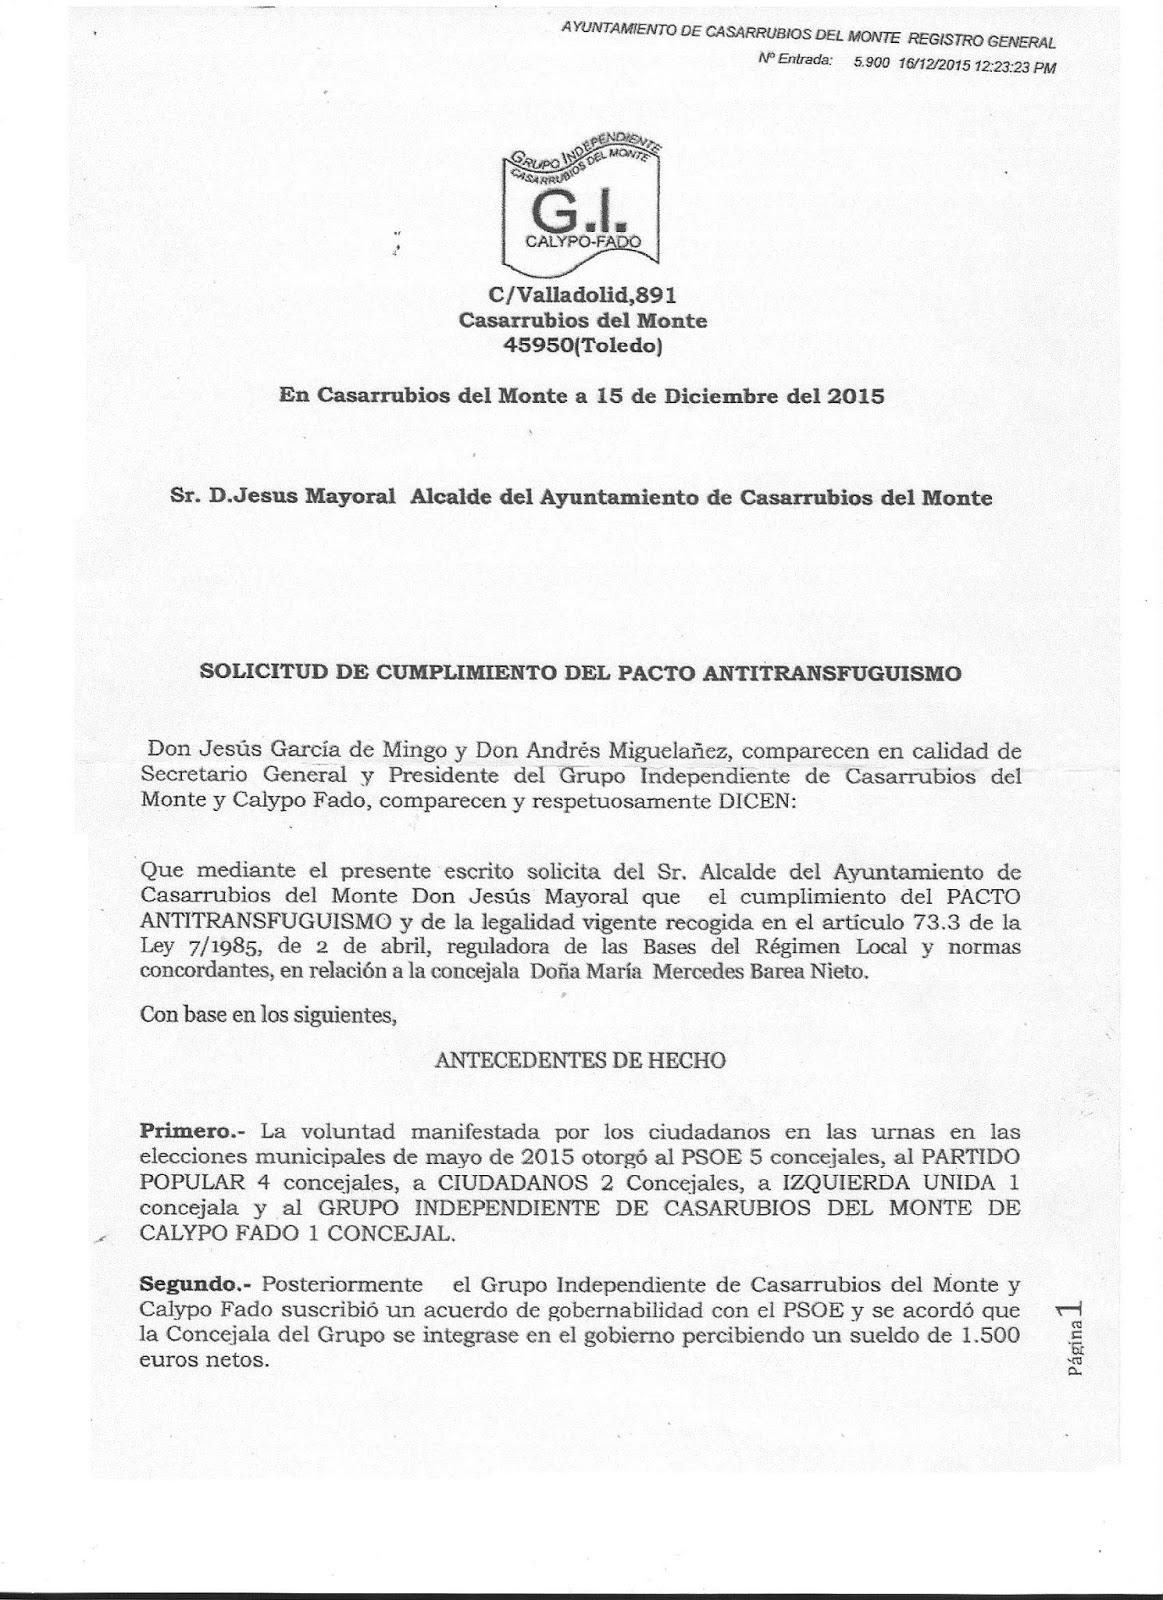 APLICACIÓN CODIGO ANTITRANSFUGUISMO